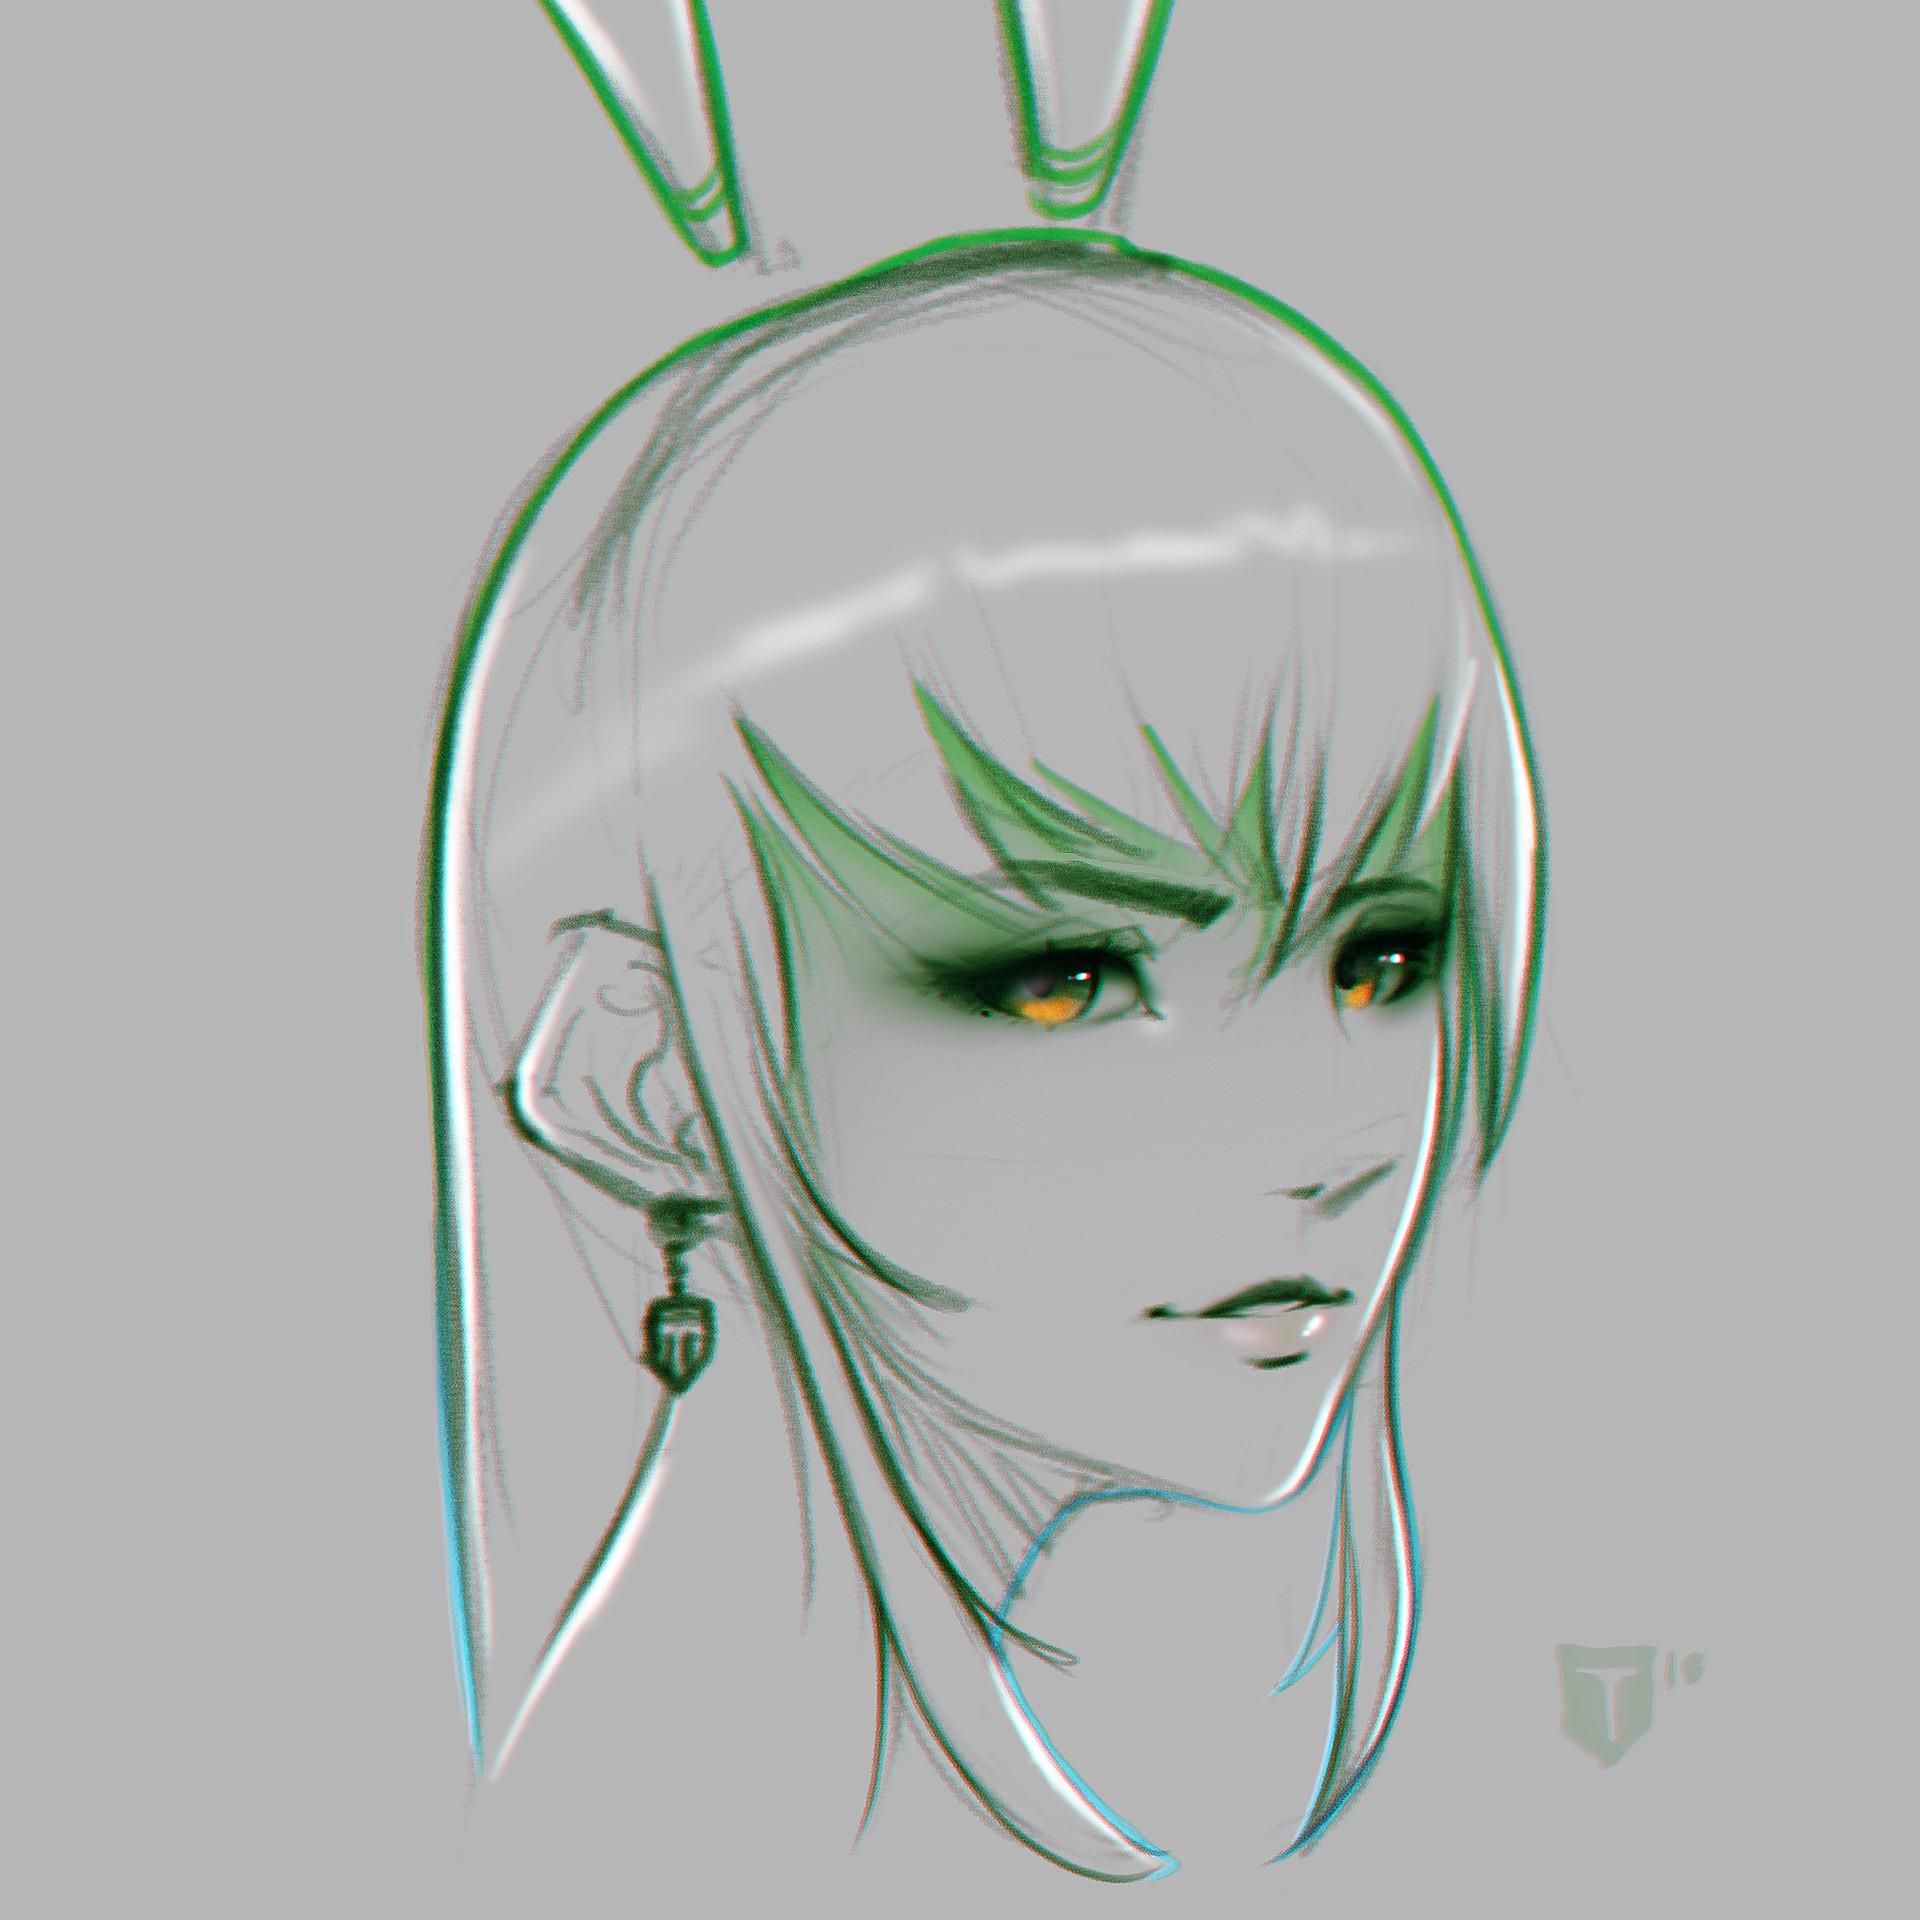 Travis ngov sunny rabbit 05